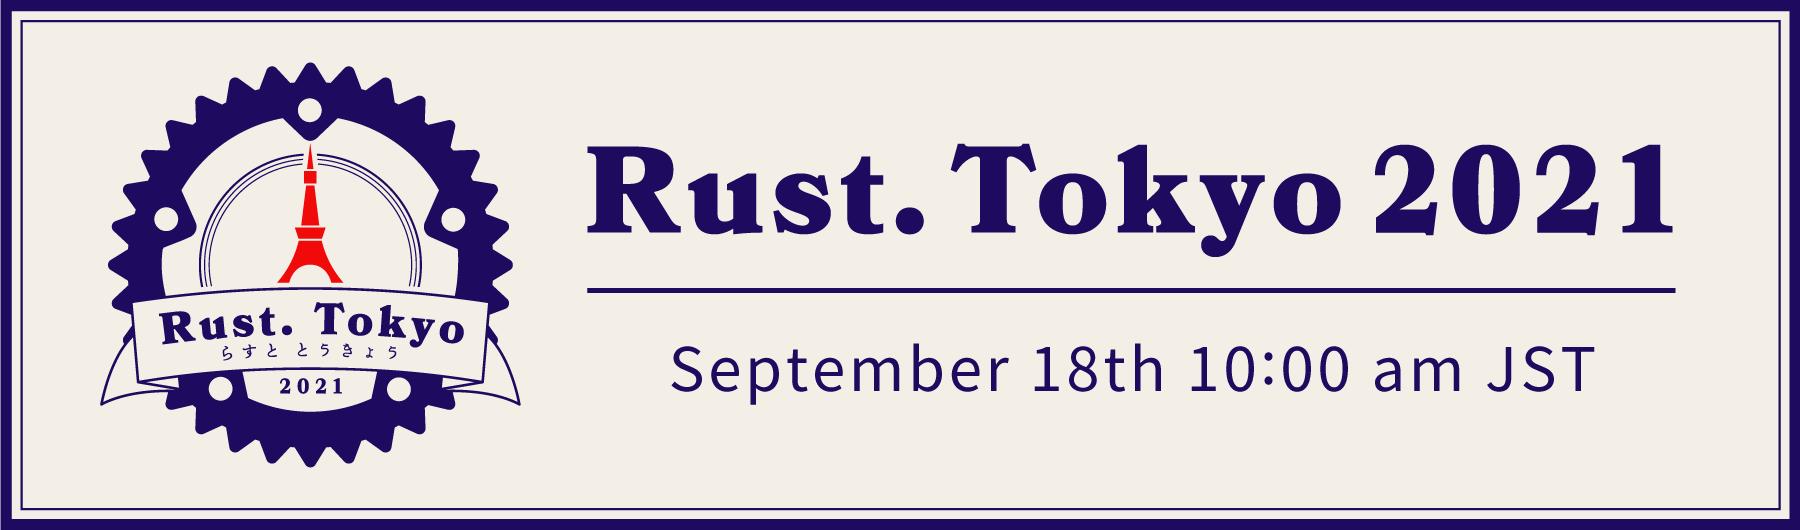 Rust.Tokyo 2021